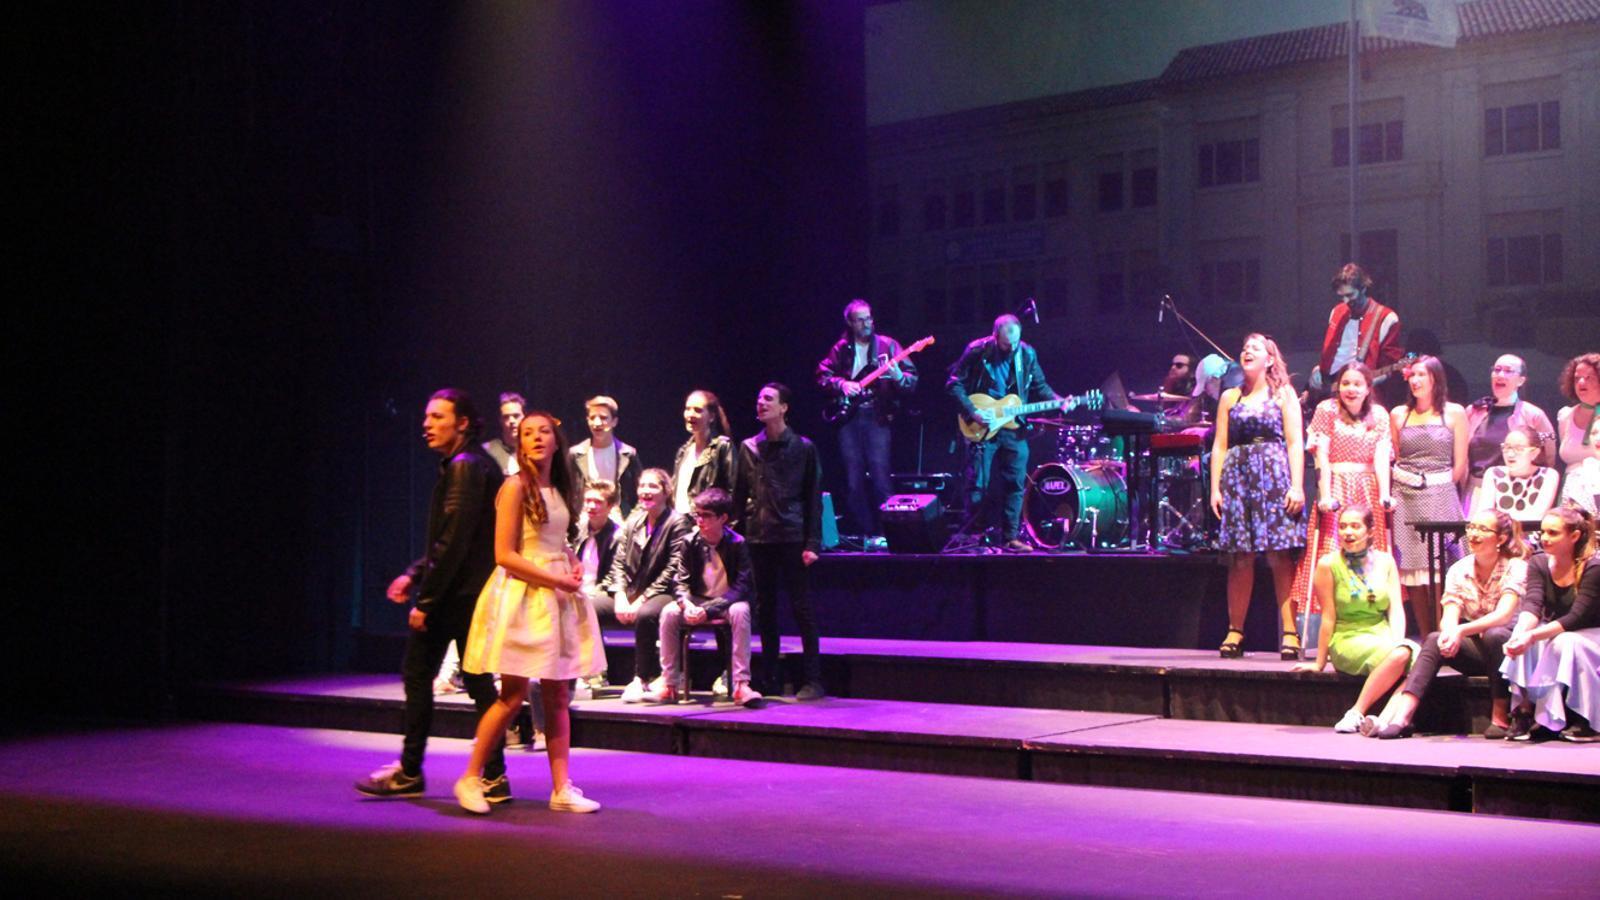 En Danny i la Sandy amb les seves colles d'amics, en un moment del musical 'Grease' de Sant Julià de Lòria. / L. M. (ANA)